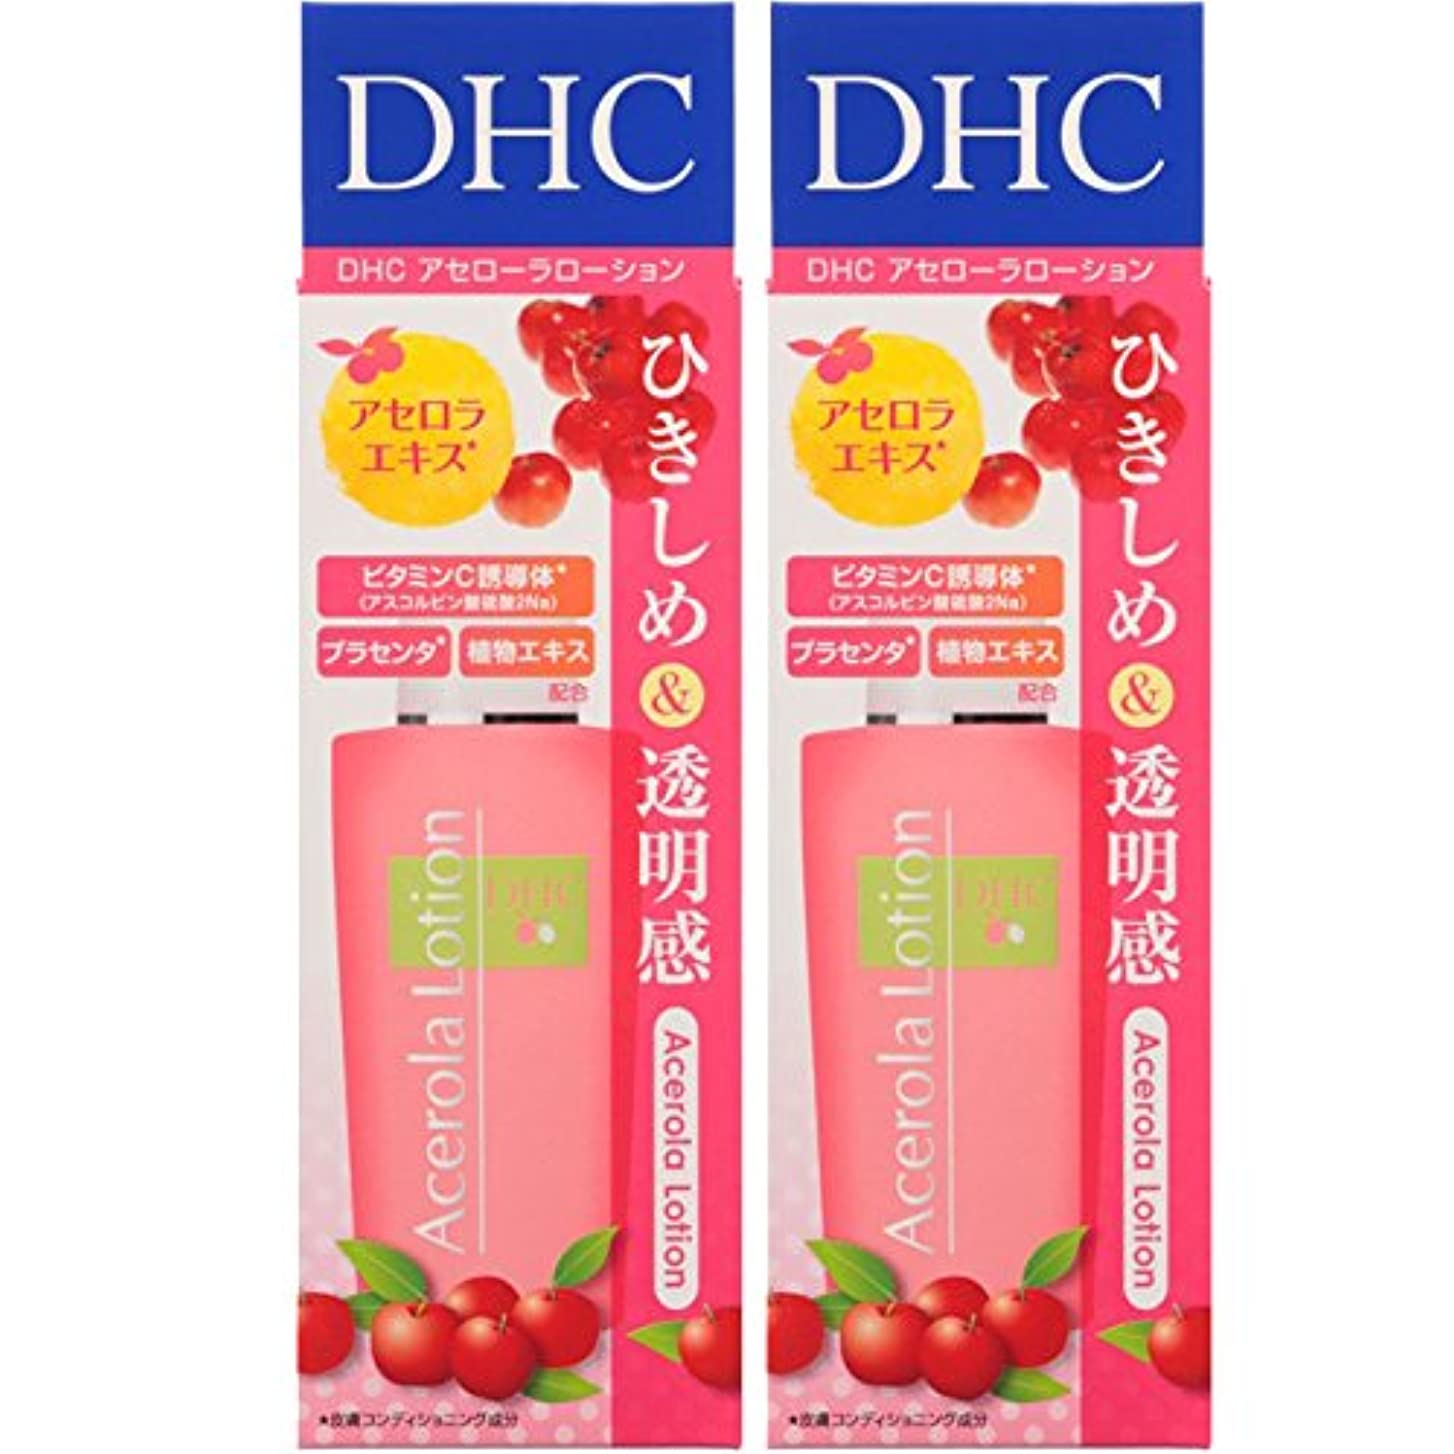 適合しました規制親密な【セット品】DHC アセロラローション (SS) 40ml 2個セット